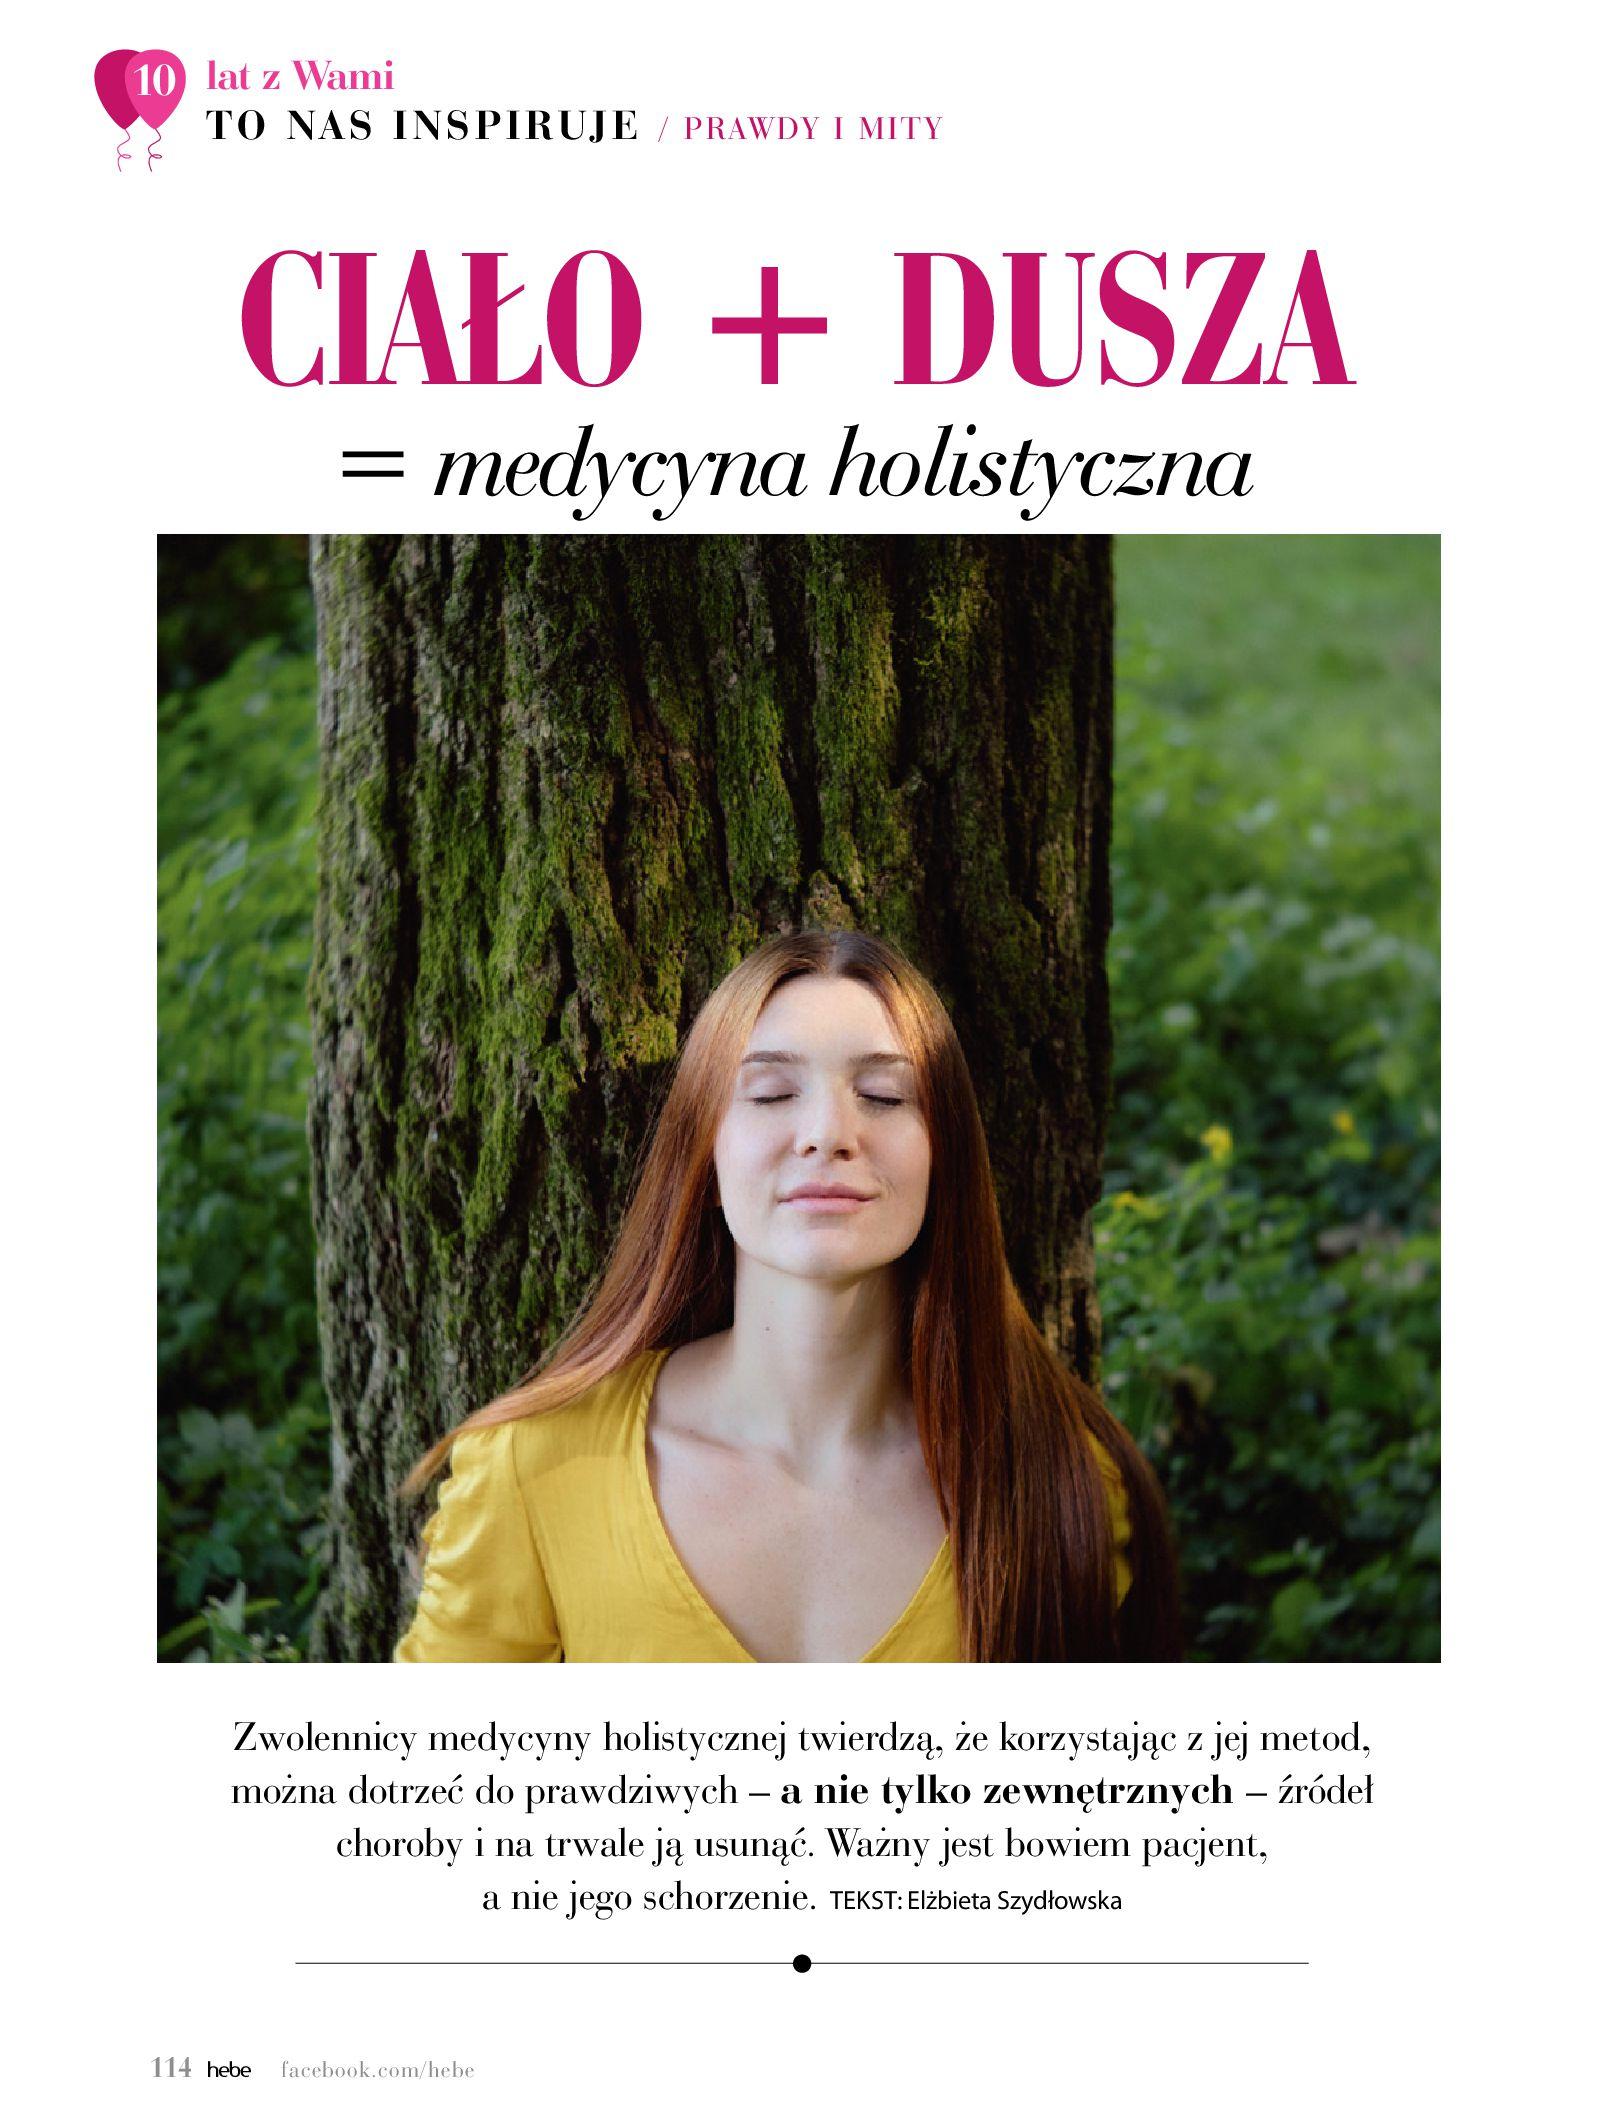 Gazetka hebe: Gazetka Hebe - Magazyn  2021-05-01 page-114